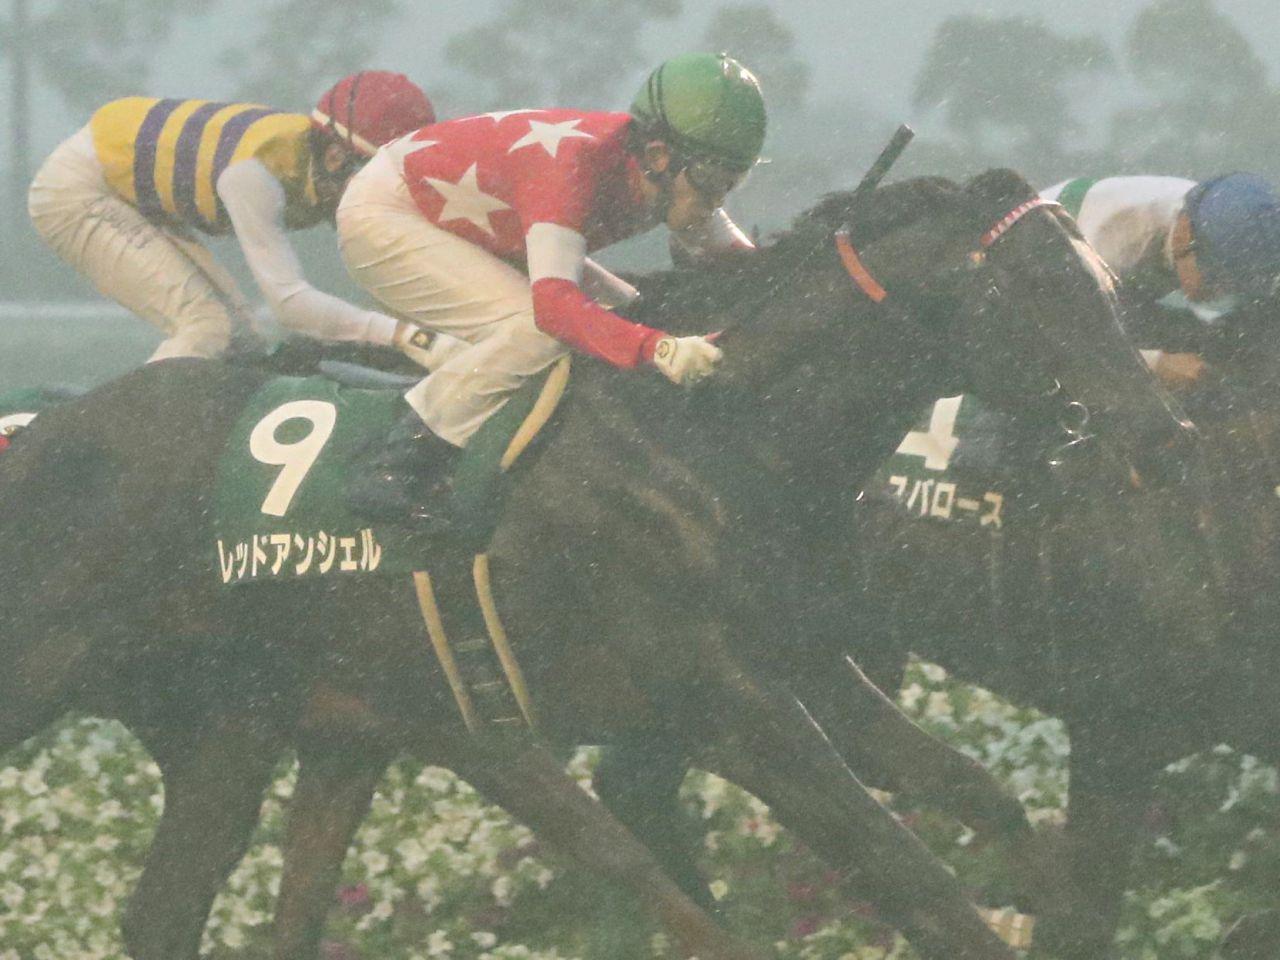 【ラジオNIKKEI賞】Mデムーロ「馬場が…」ヒシイグアスは伸びず9着敗退